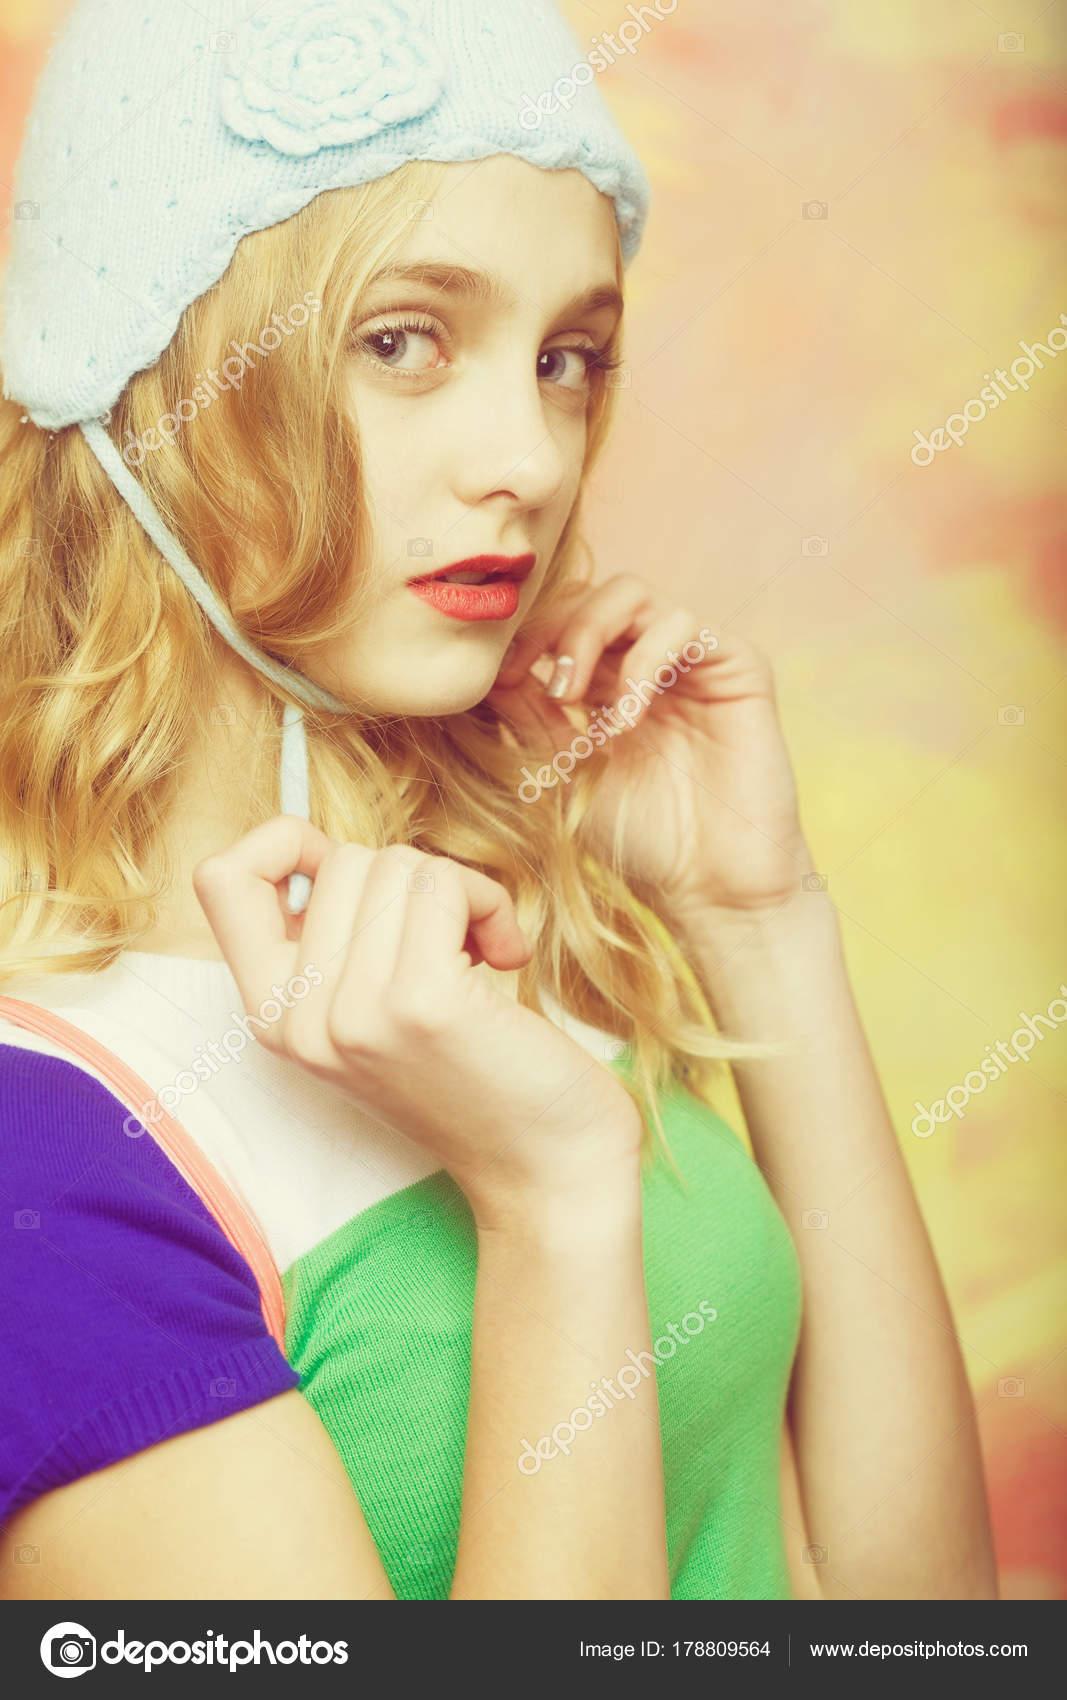 b42b4a4e26 Όμορφο κορίτσι δεσμούς χαριτωμένο πλεκτό μπλε beanie καπέλο ...